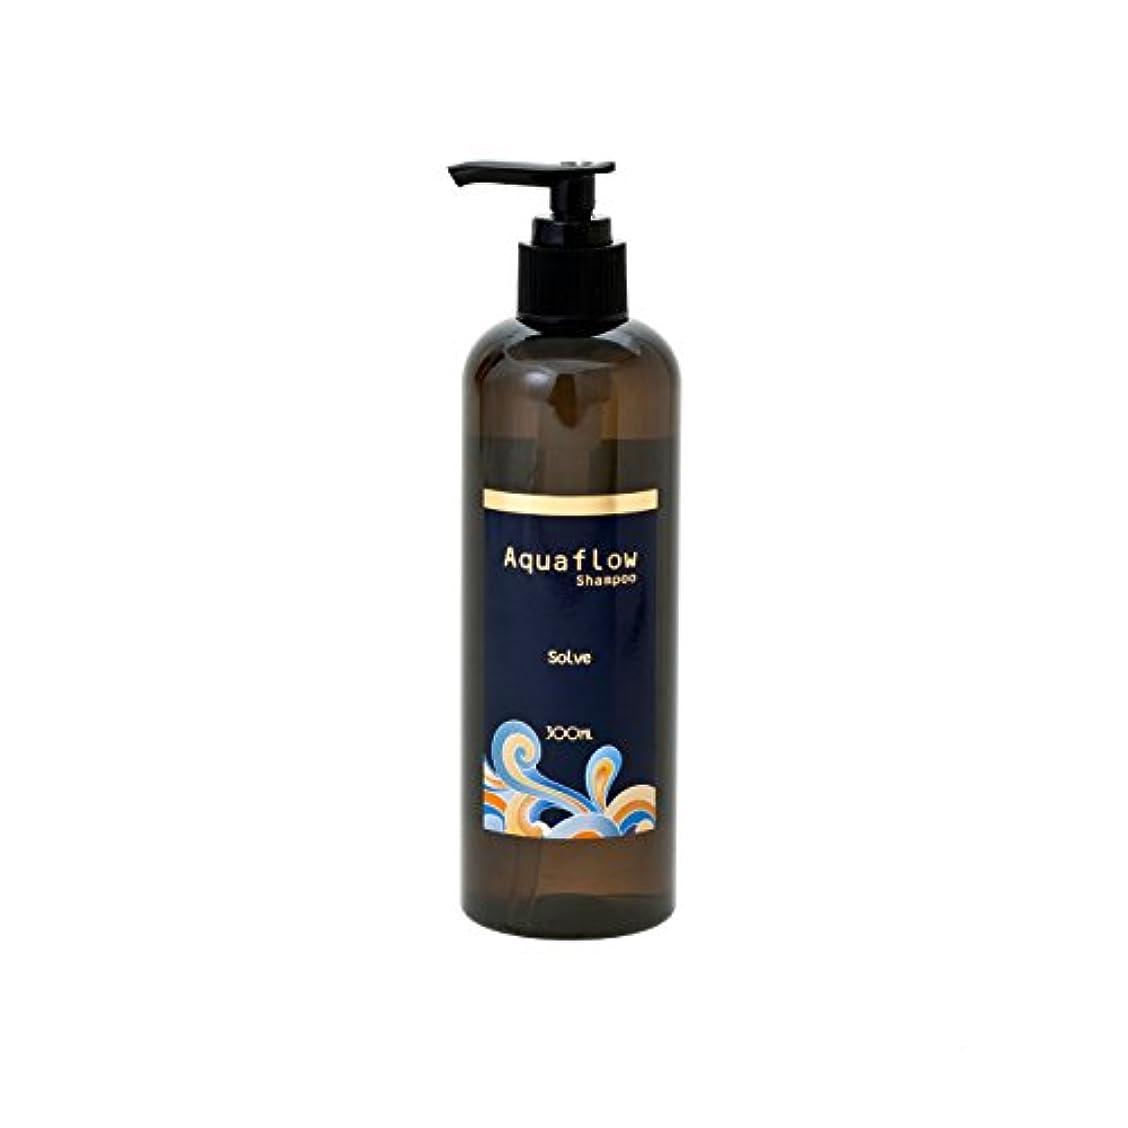 散髪方言まで縮毛矯正した髪?カラーの繰り返しで大きくダメージした髪用シャンプーAquaflow「栄養そのもので洗うsolve」ソルブシャンプー アクアフロー (300ml)